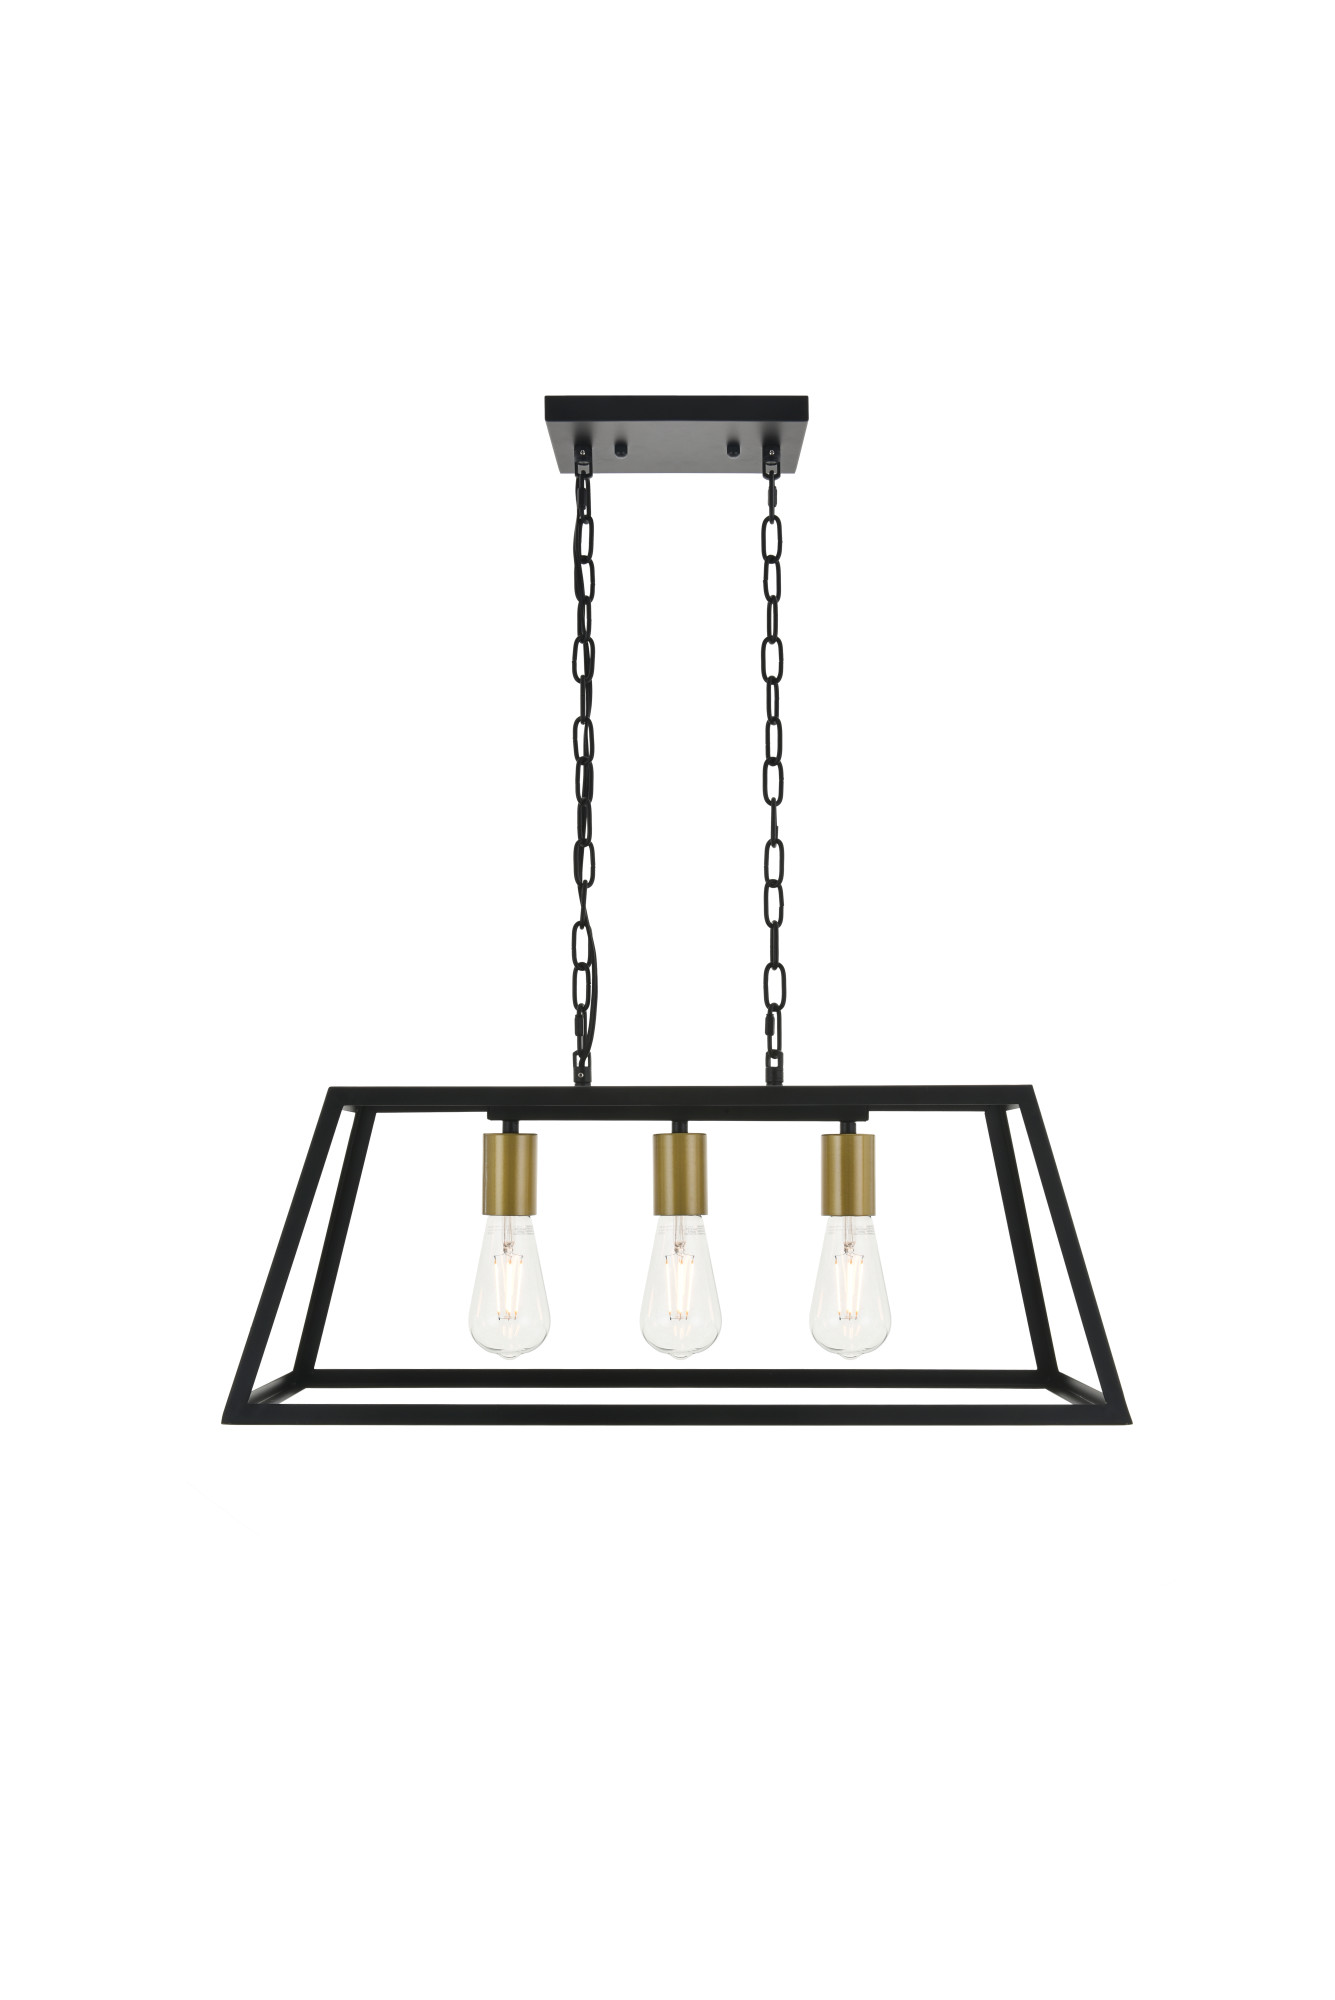 Elegant Lighting Ld D25 Brass Black Resolute 3 Light 25